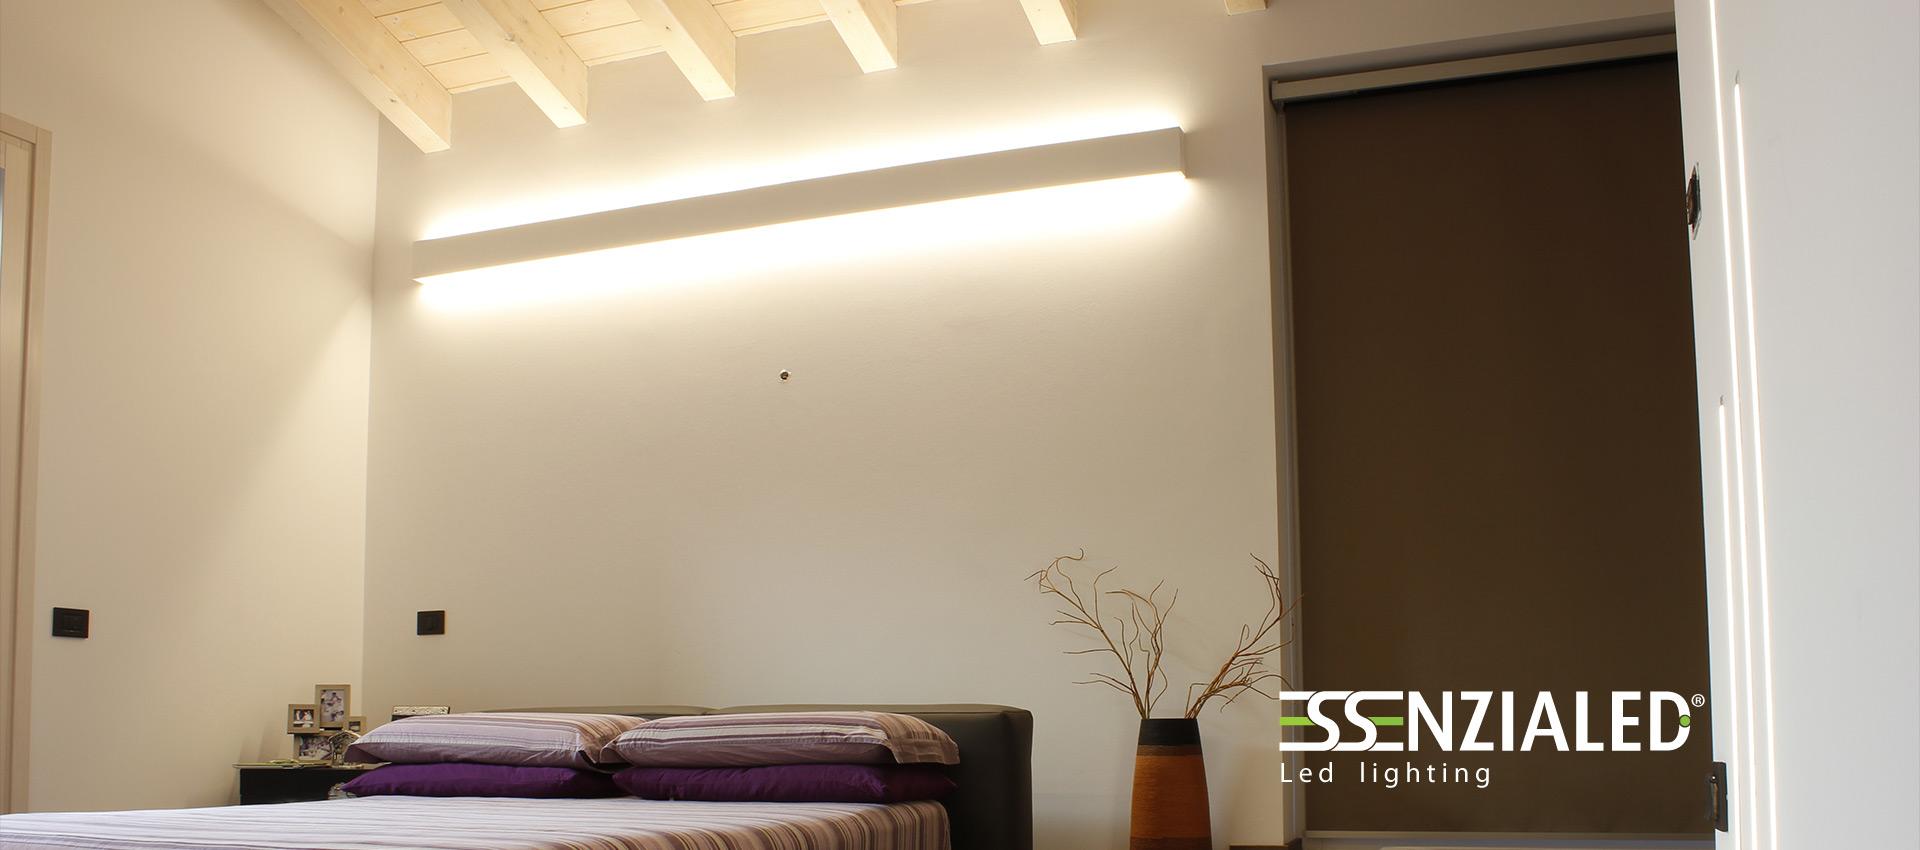 Righello lampada a parete led prodotta su misura - Camera da letto con travi in legno ...